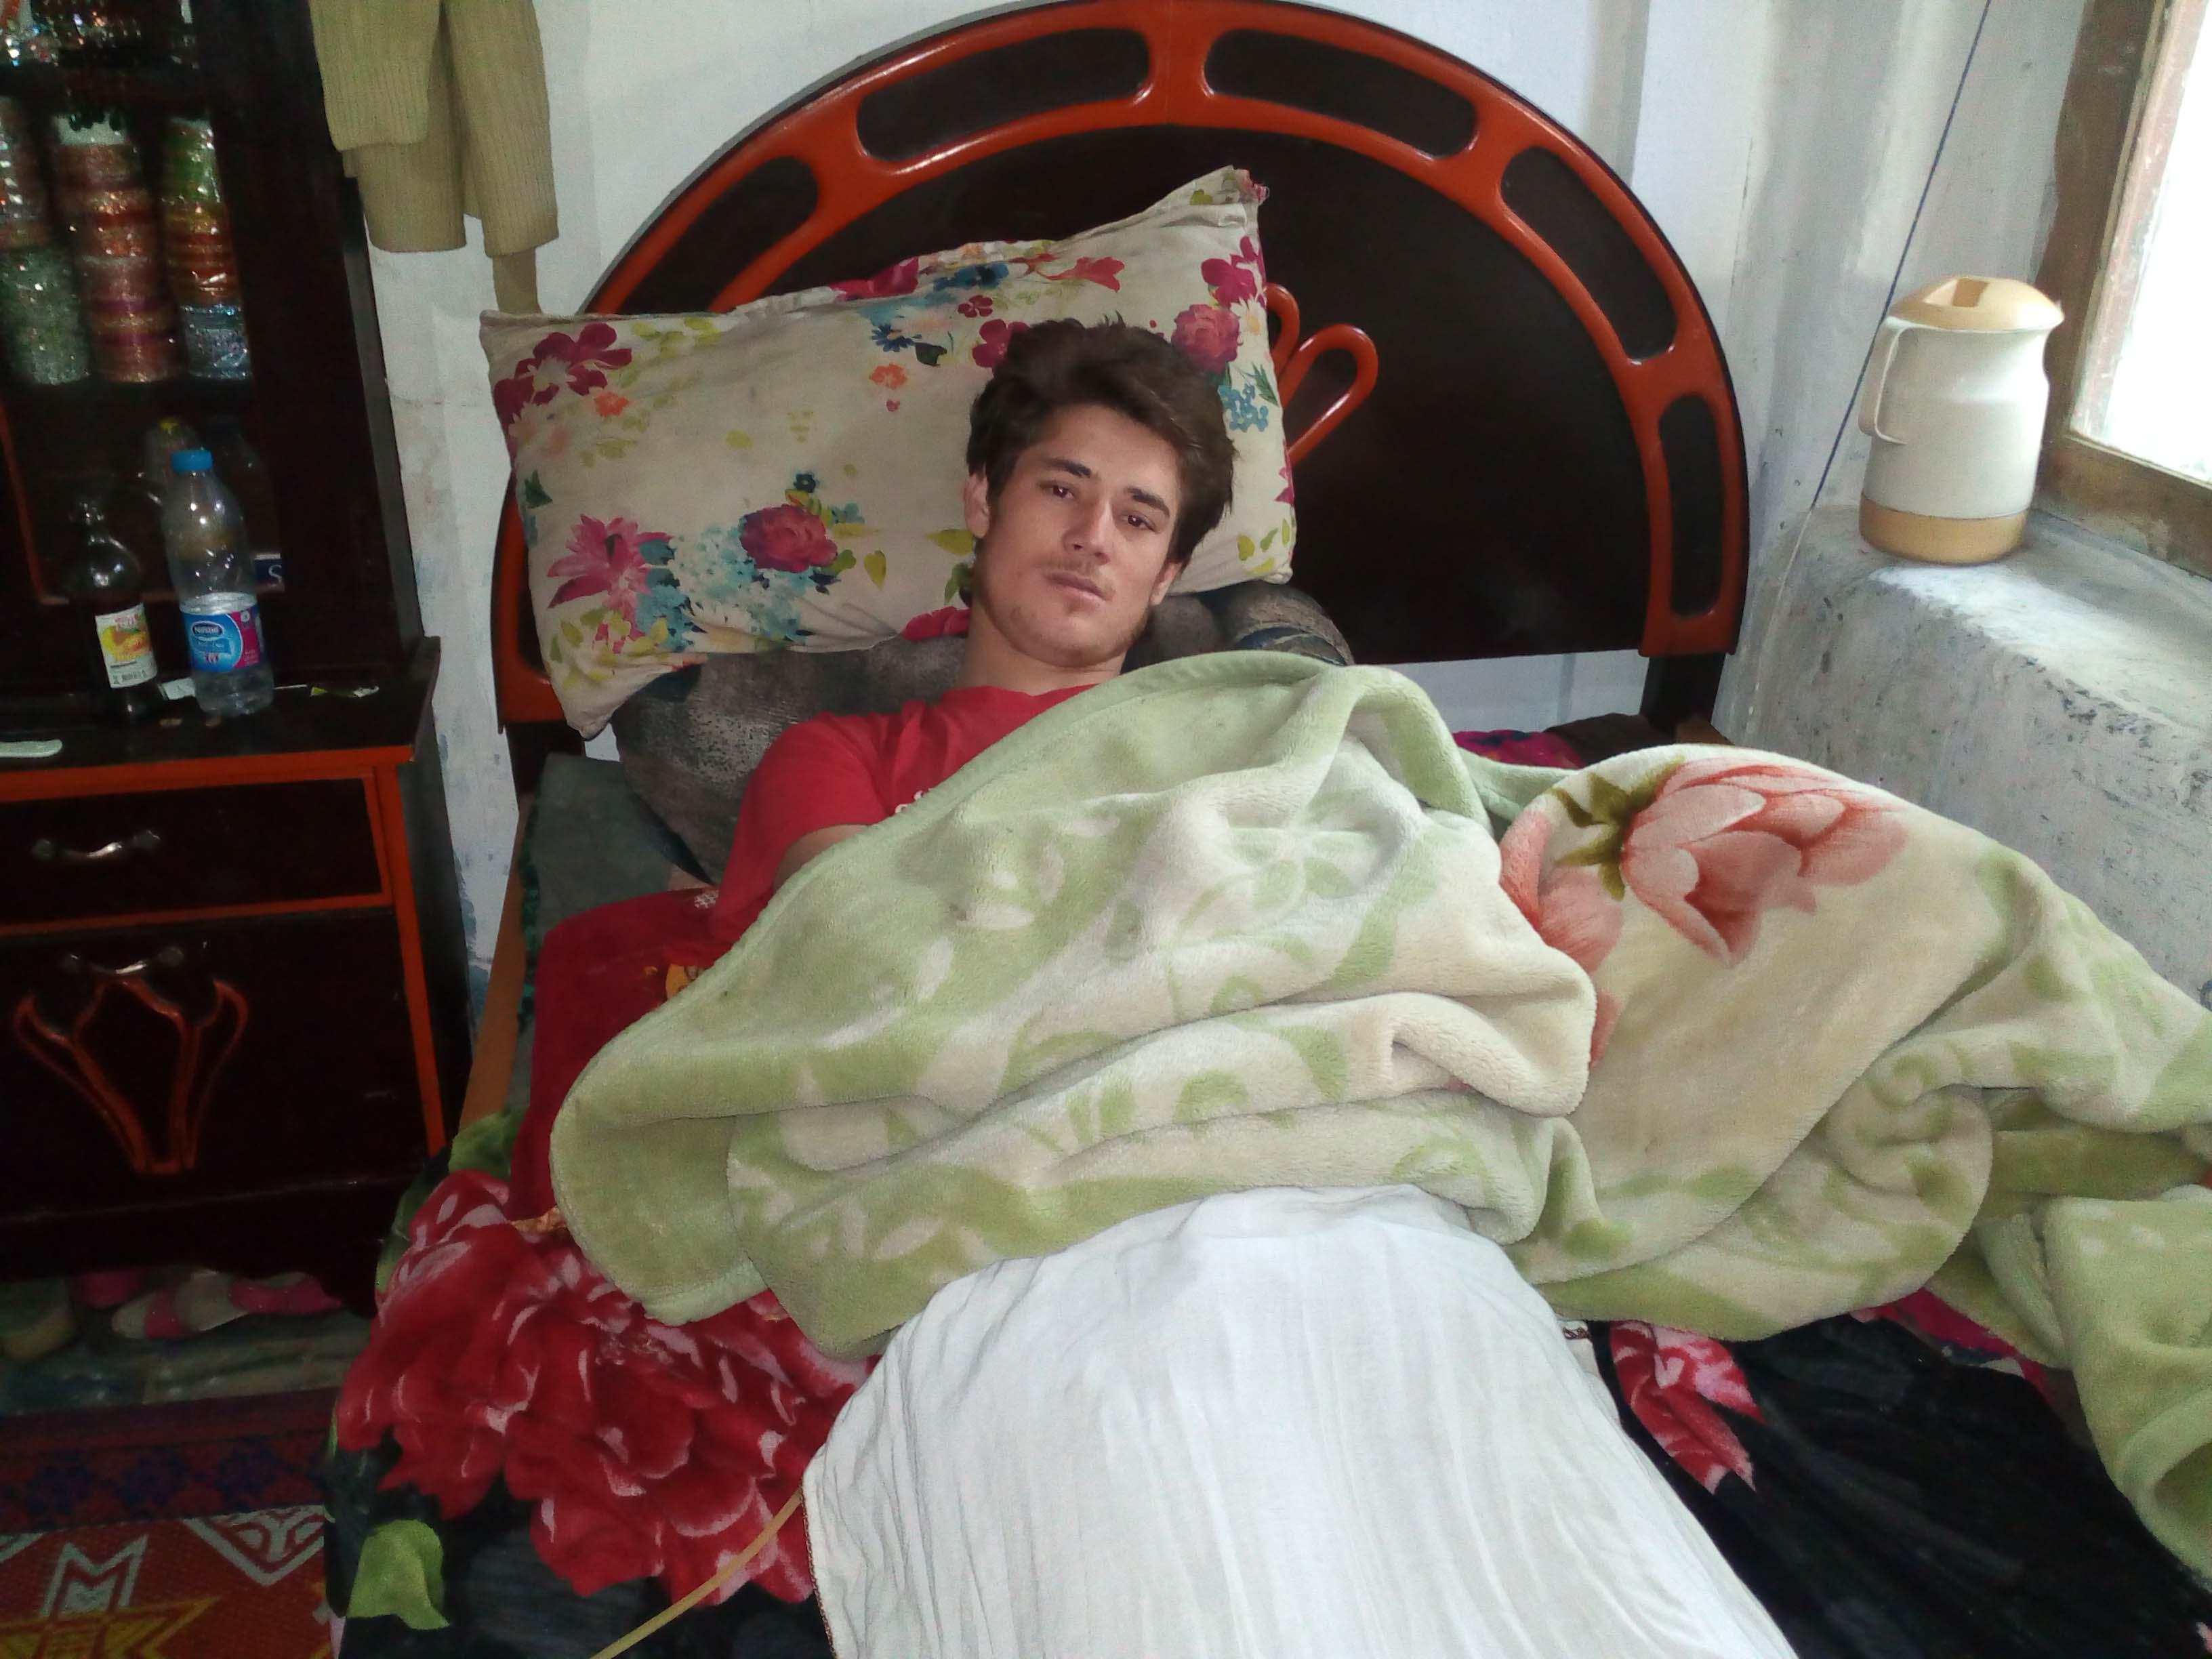 19 سالہ چترالی نوجوان احسان اللہ کی کمر حادثے میں ٹوٹ گئی، دونوںٹانگوں نے کام کرنا چھوڑدیا، فاقوں کی نوبت آگئی ہے مفت علاج کی اپیل